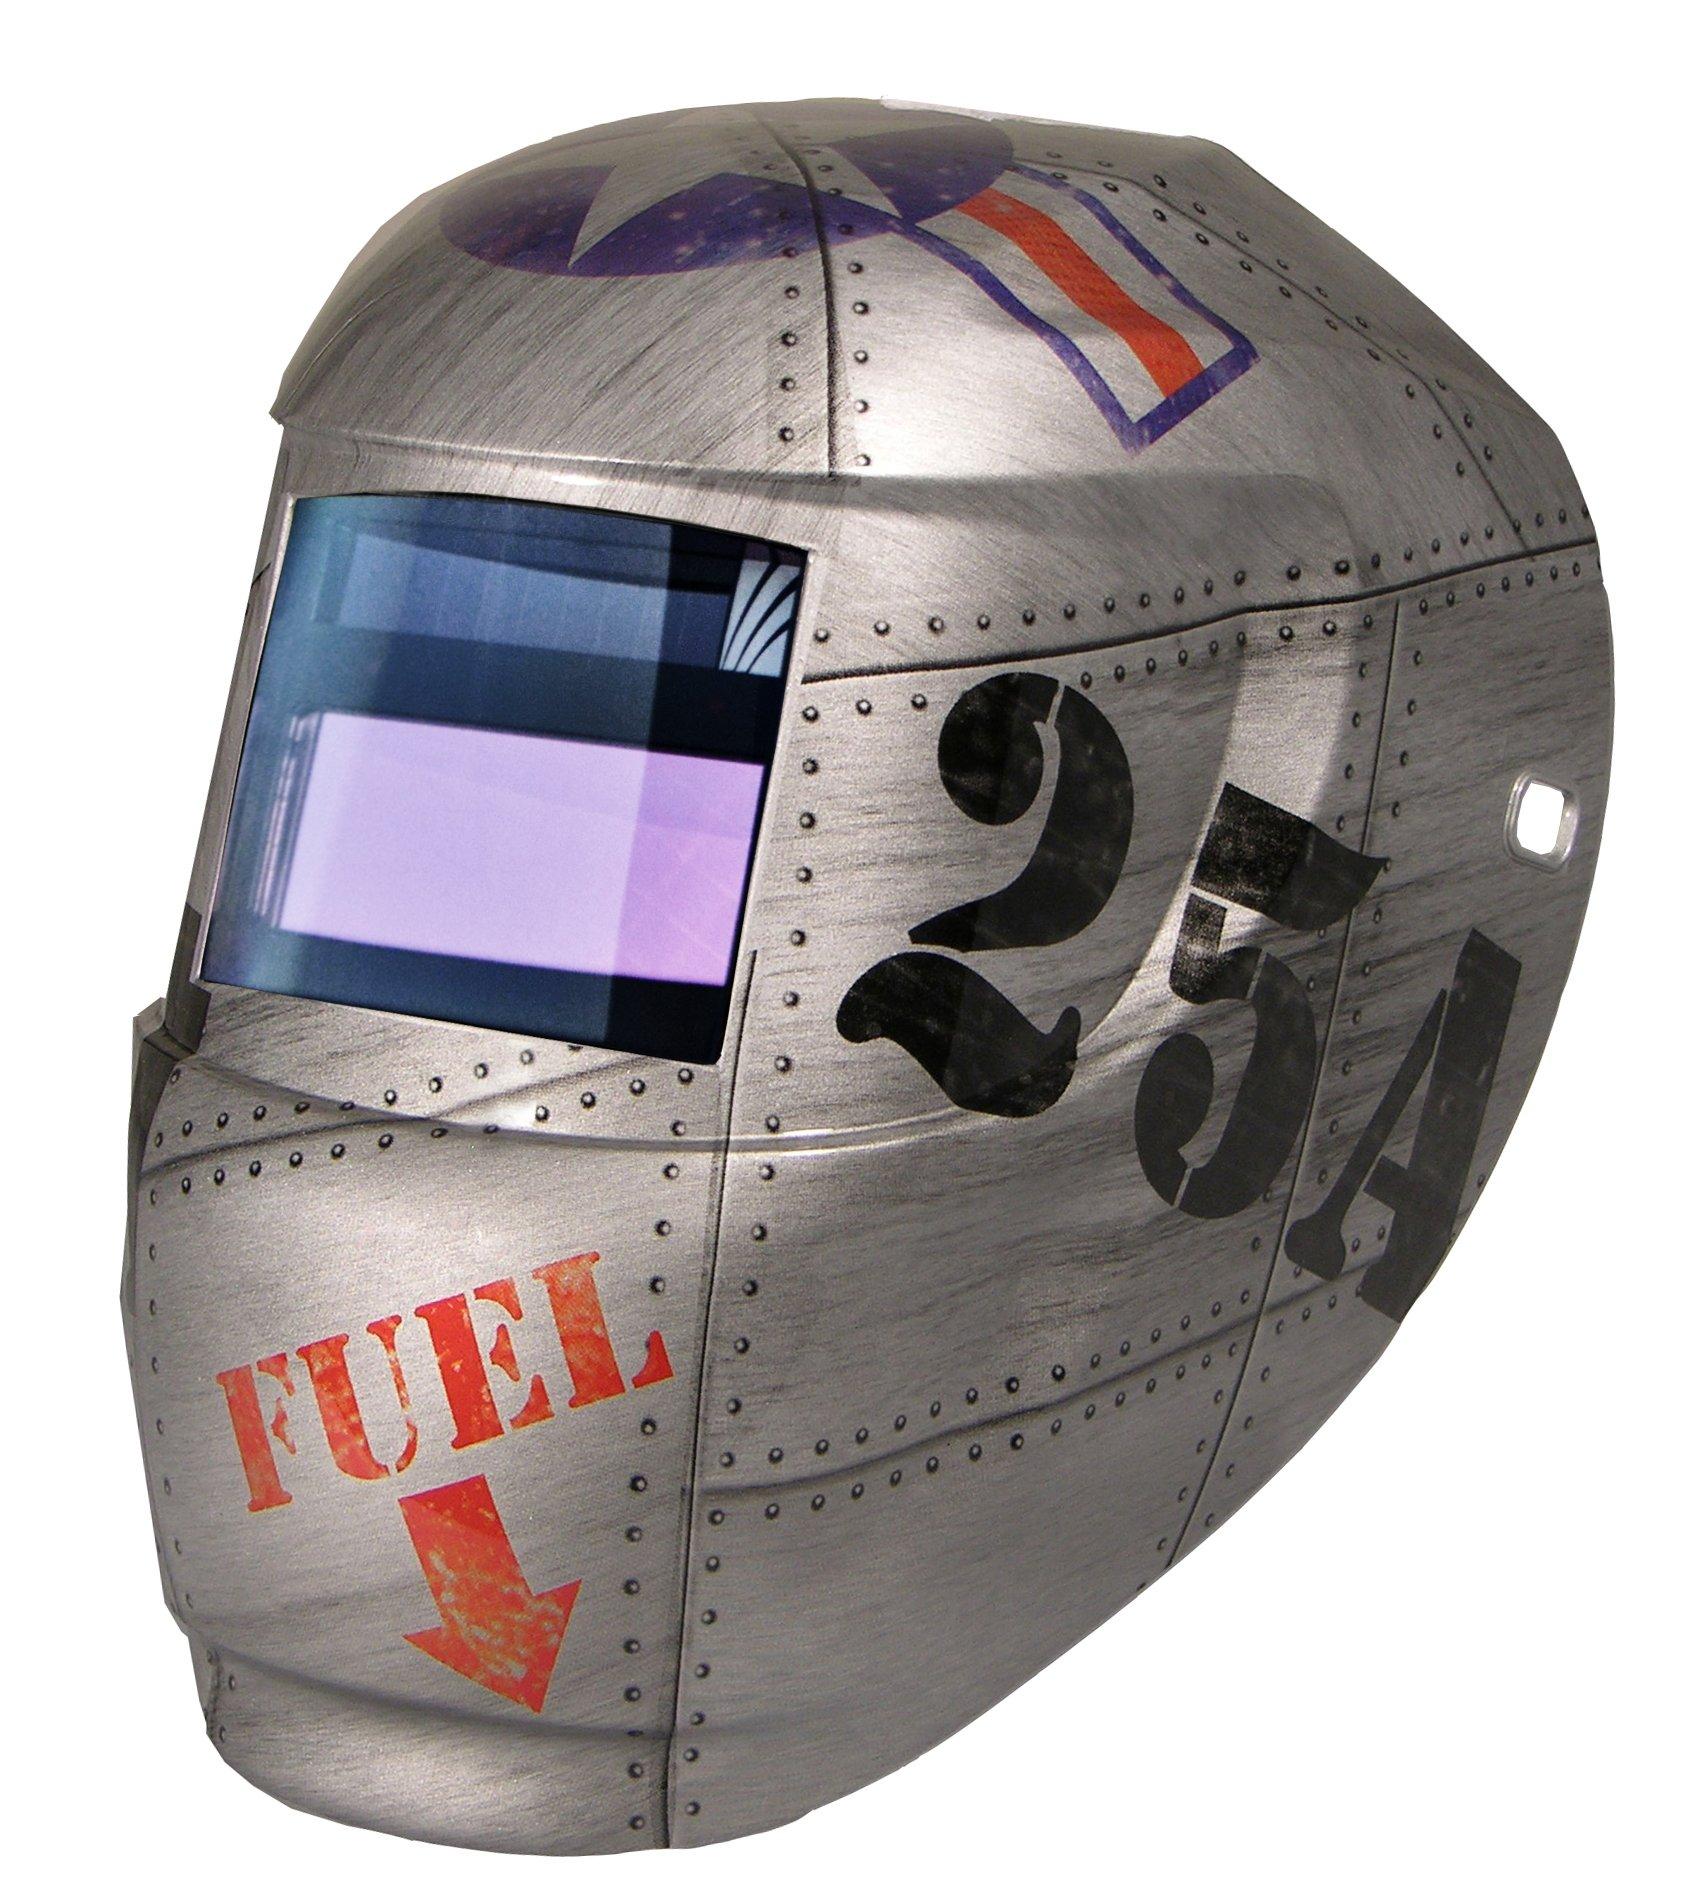 Carrera Welding Helmet with Auto Darkening 1000F Filter (Top Gun) by ArcOne (Image #1)